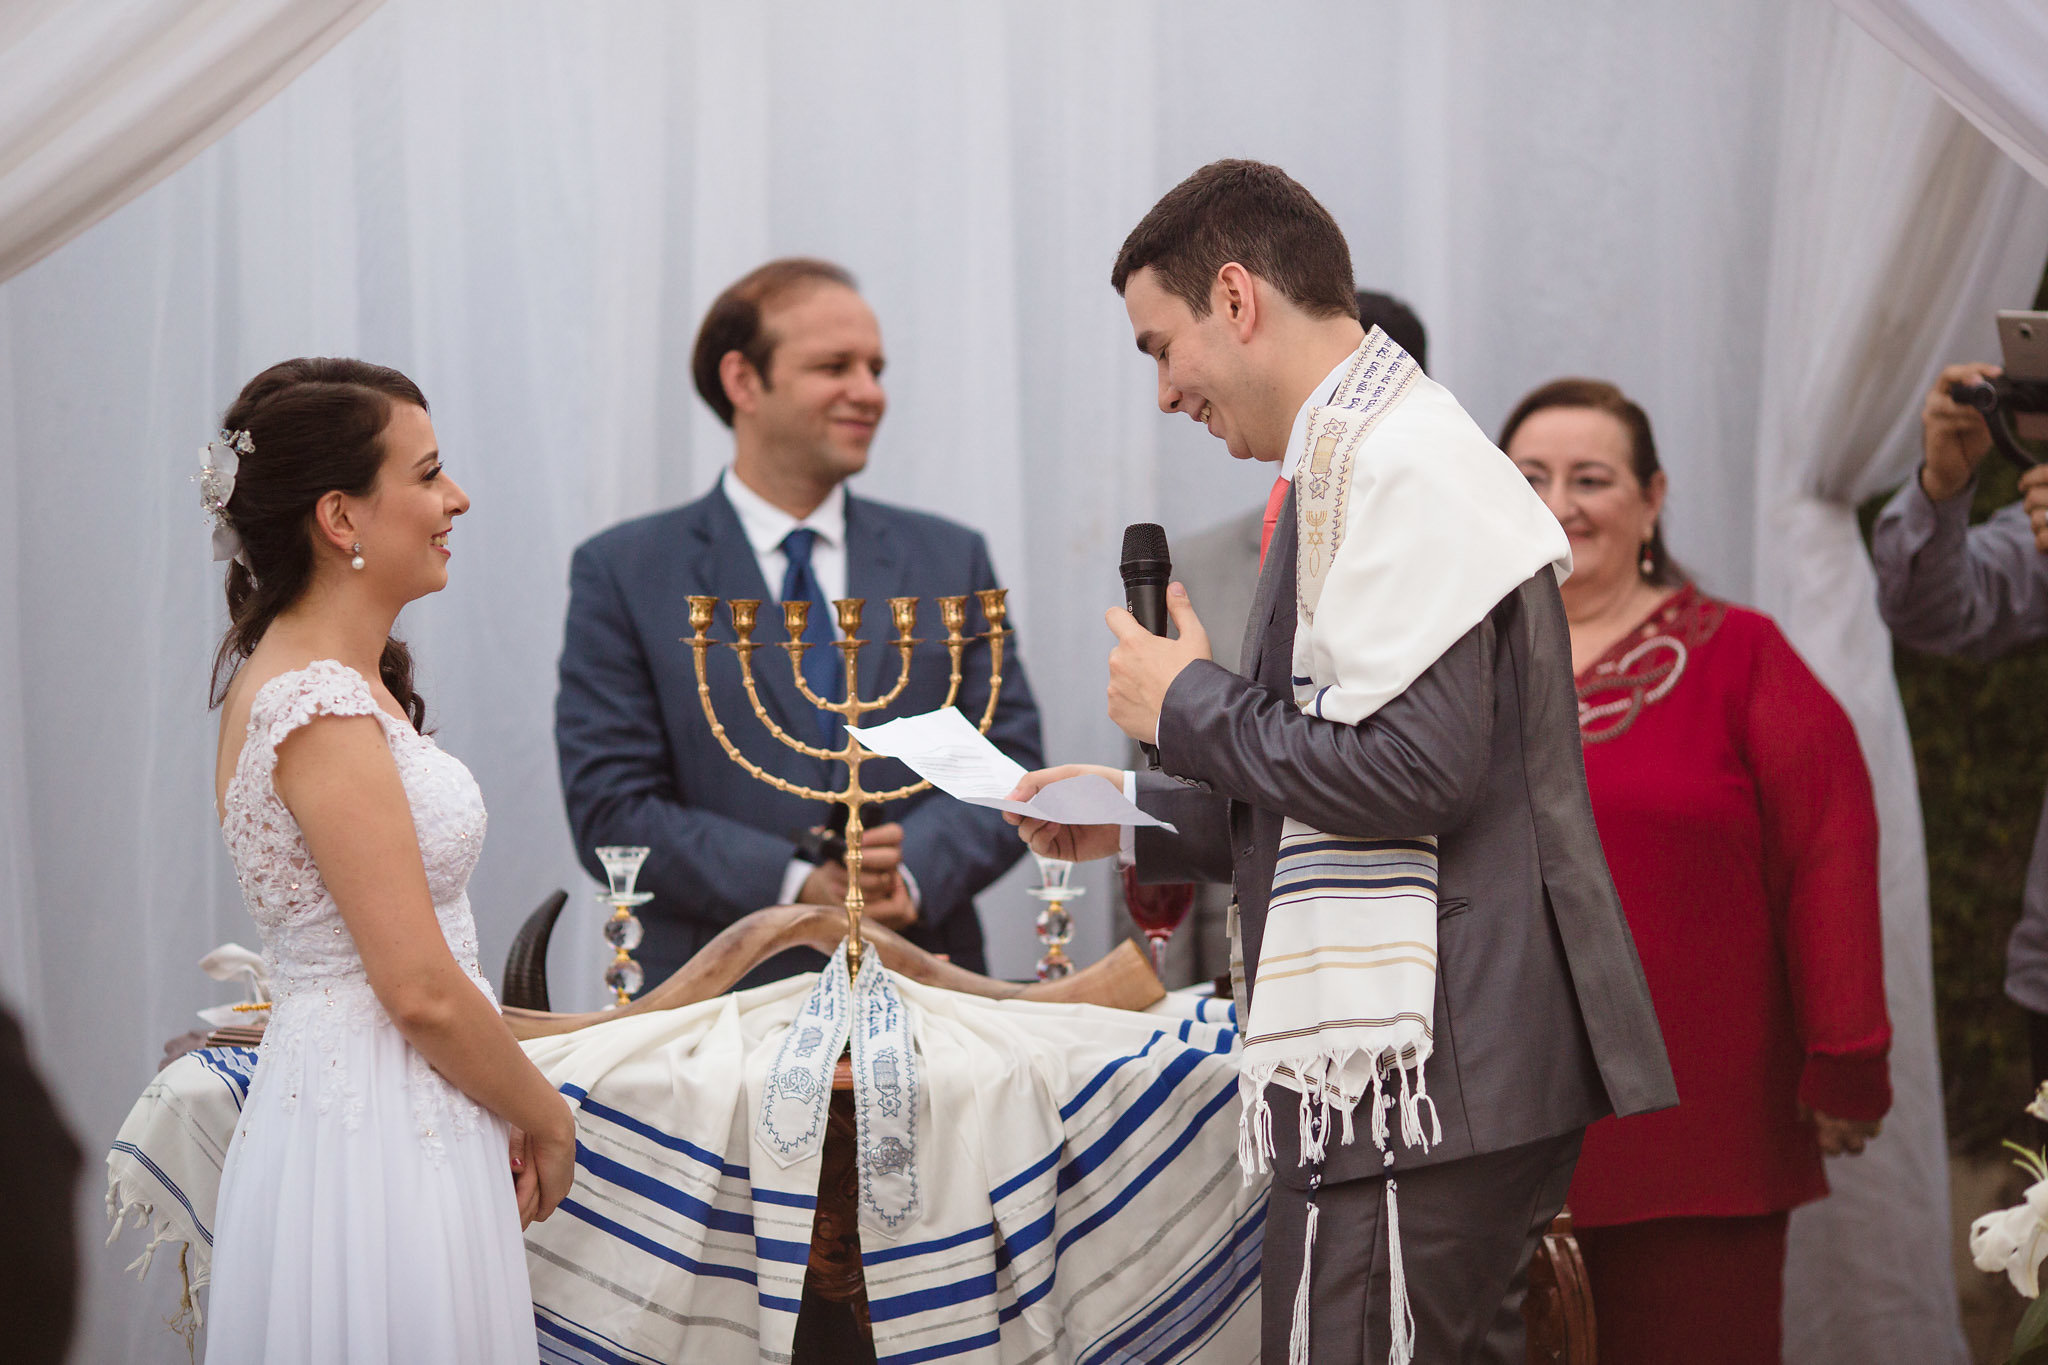 Casais de diferentes religiões contam como é uma cerimônia não-católica